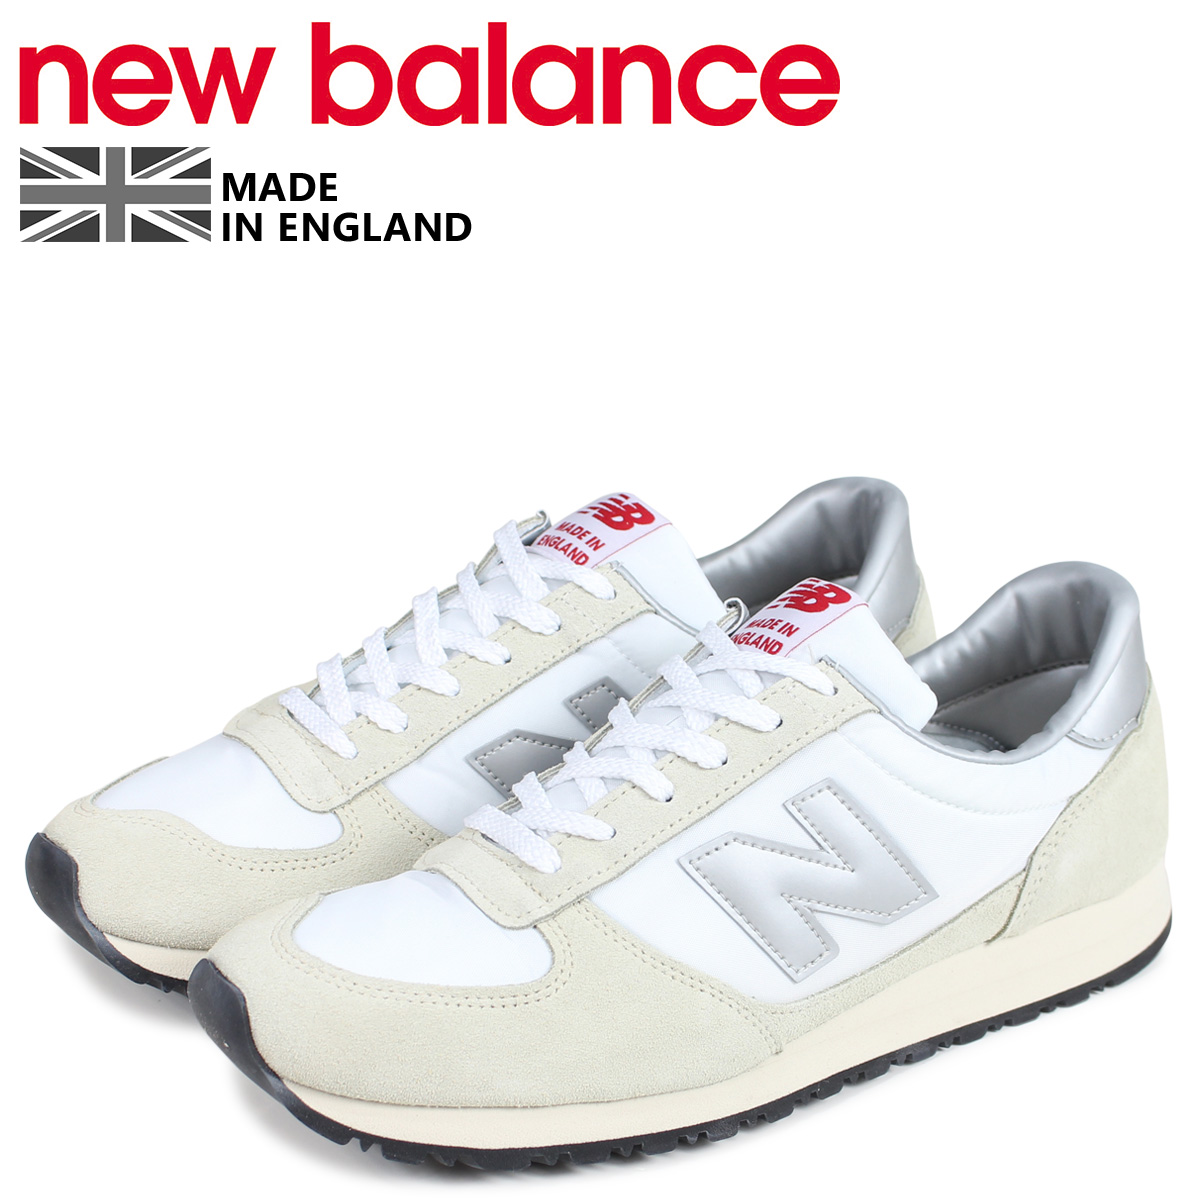 new balance ニューバランス スニーカー メンズ Dワイズ MADE IN UK ホワイト 白 MNCWSV [3/26 新入荷]